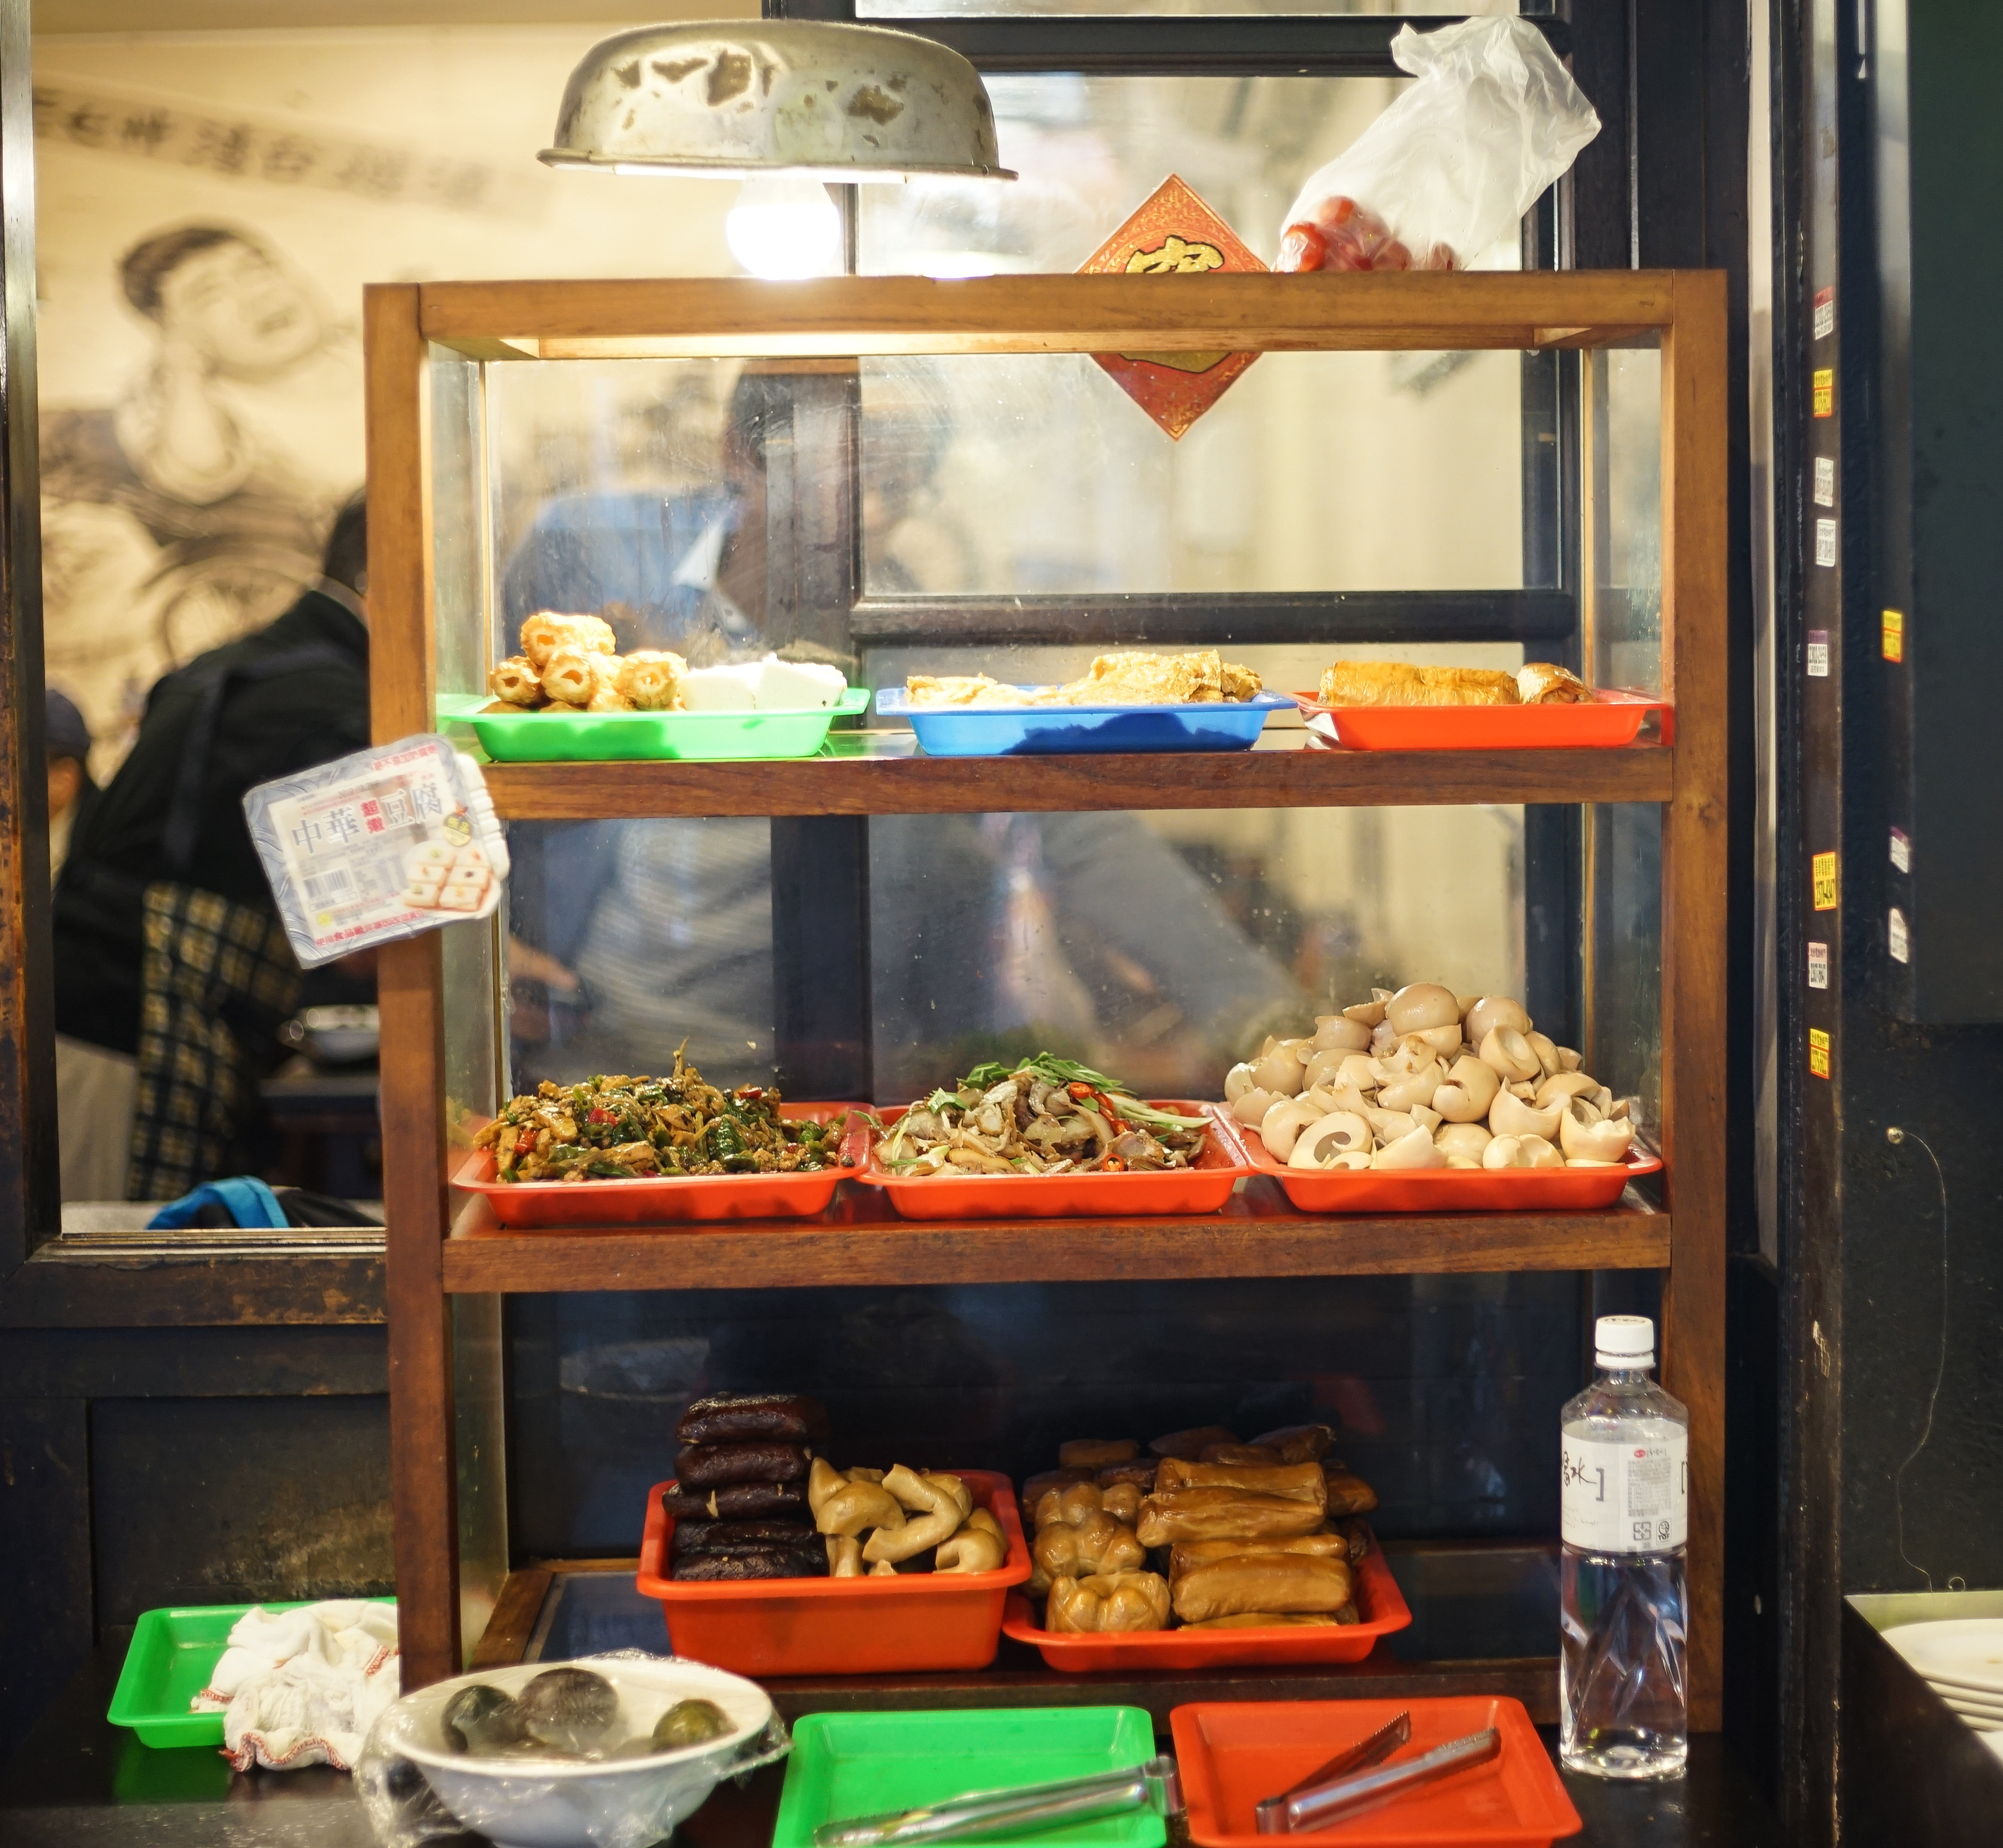 [台北西門町美食]西門麵店-極脆涼麵 牛肉麵 我愛水波蛋豬腳飯 煙燻豆皮蔬菜捲 早上6點至晚上11點,早餐 午餐 晚餐宵夜 一次搞定 真不愧是台北60年老店  西門町捷運美食